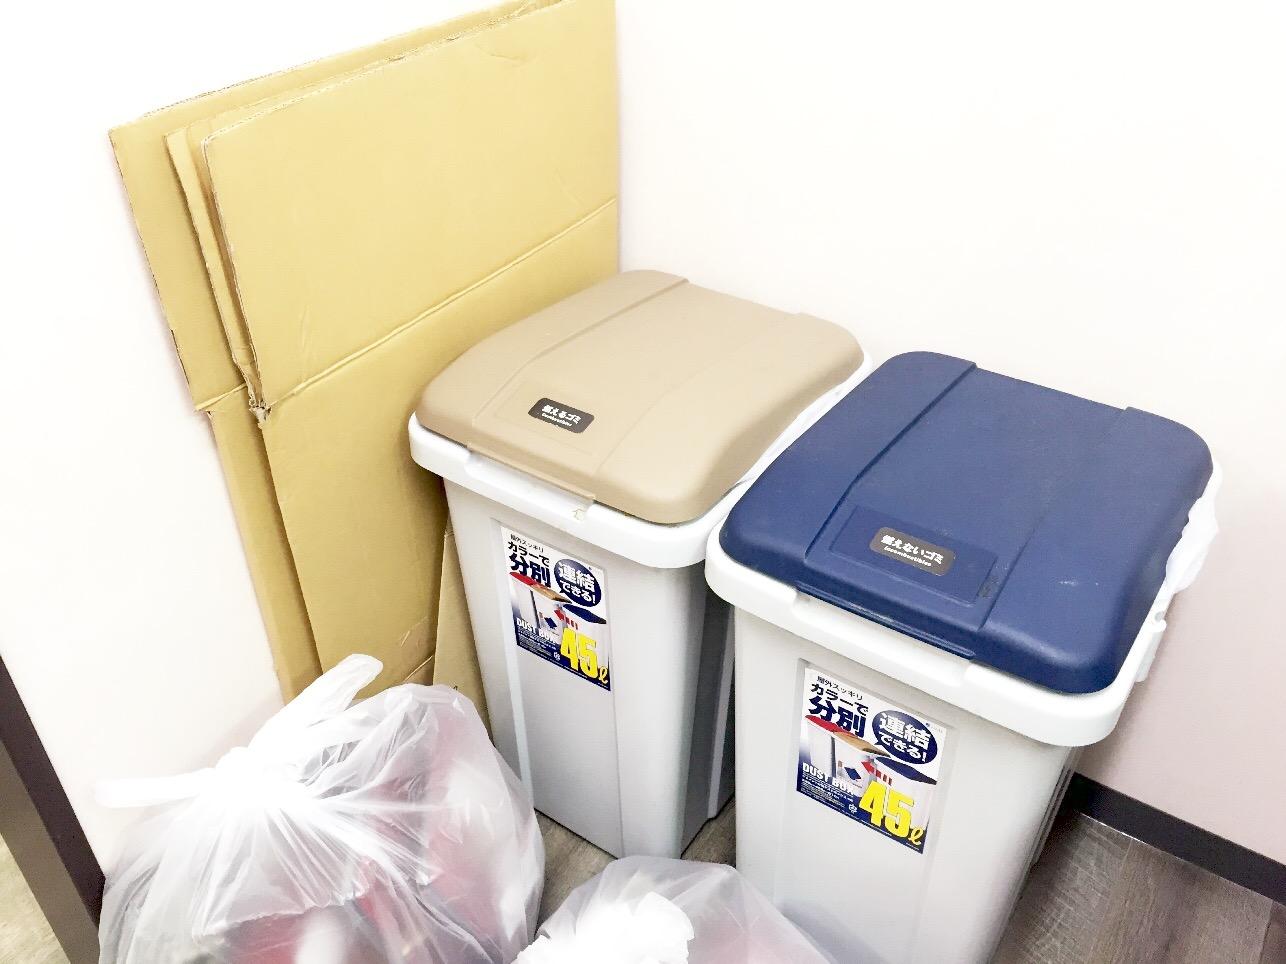 知らないと損する!?引っ越しのときに出る不用品を回収してもらう方法について